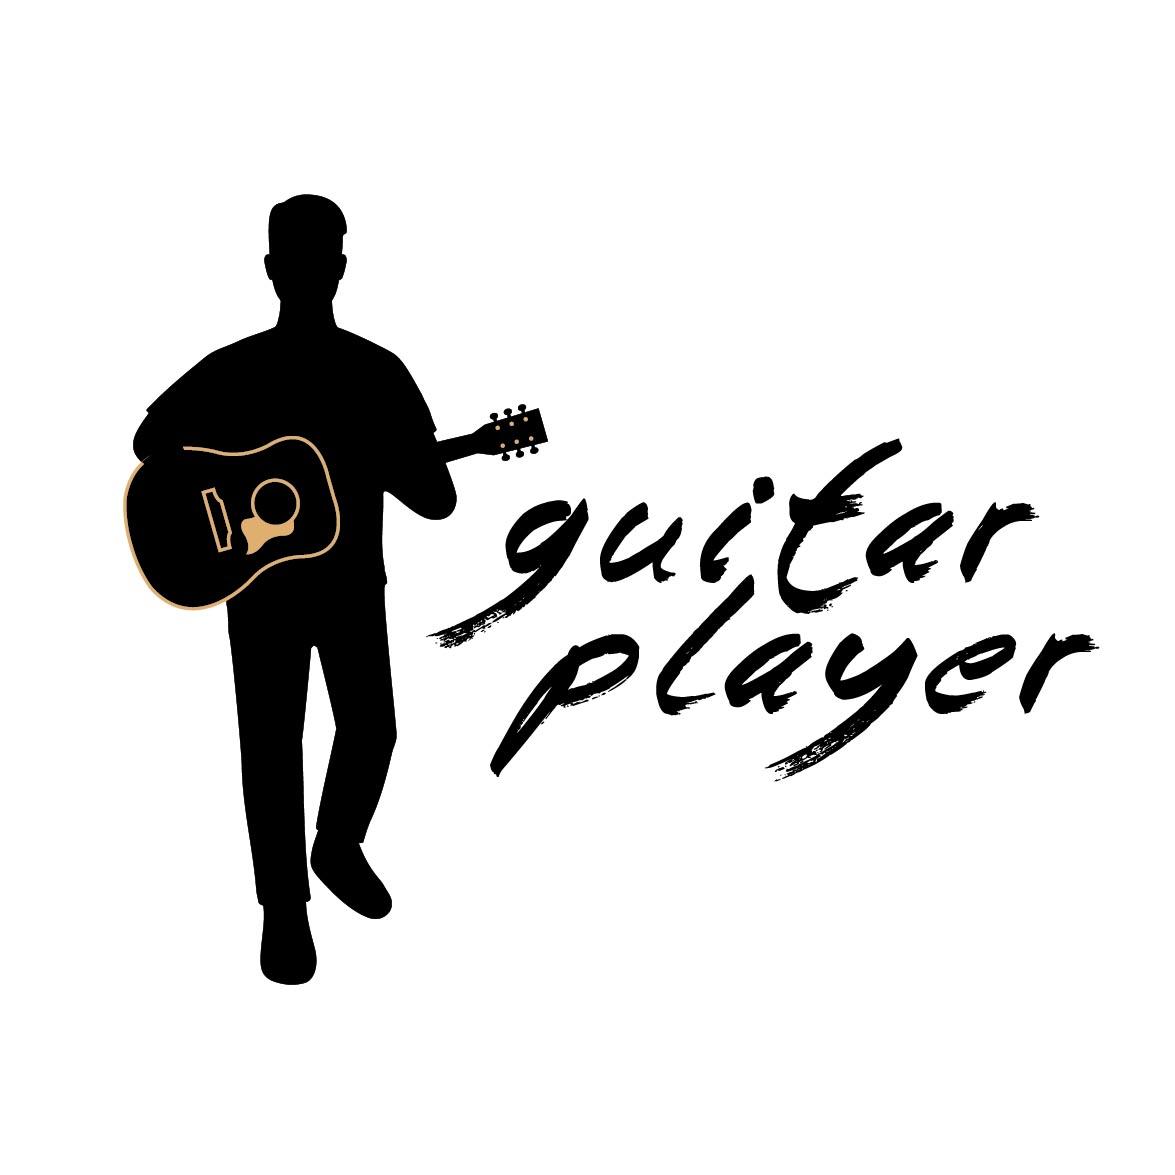 吉他玩家 Guitar Player|臺灣民謠吉他品牌 Taiwan Original Guitar Brand